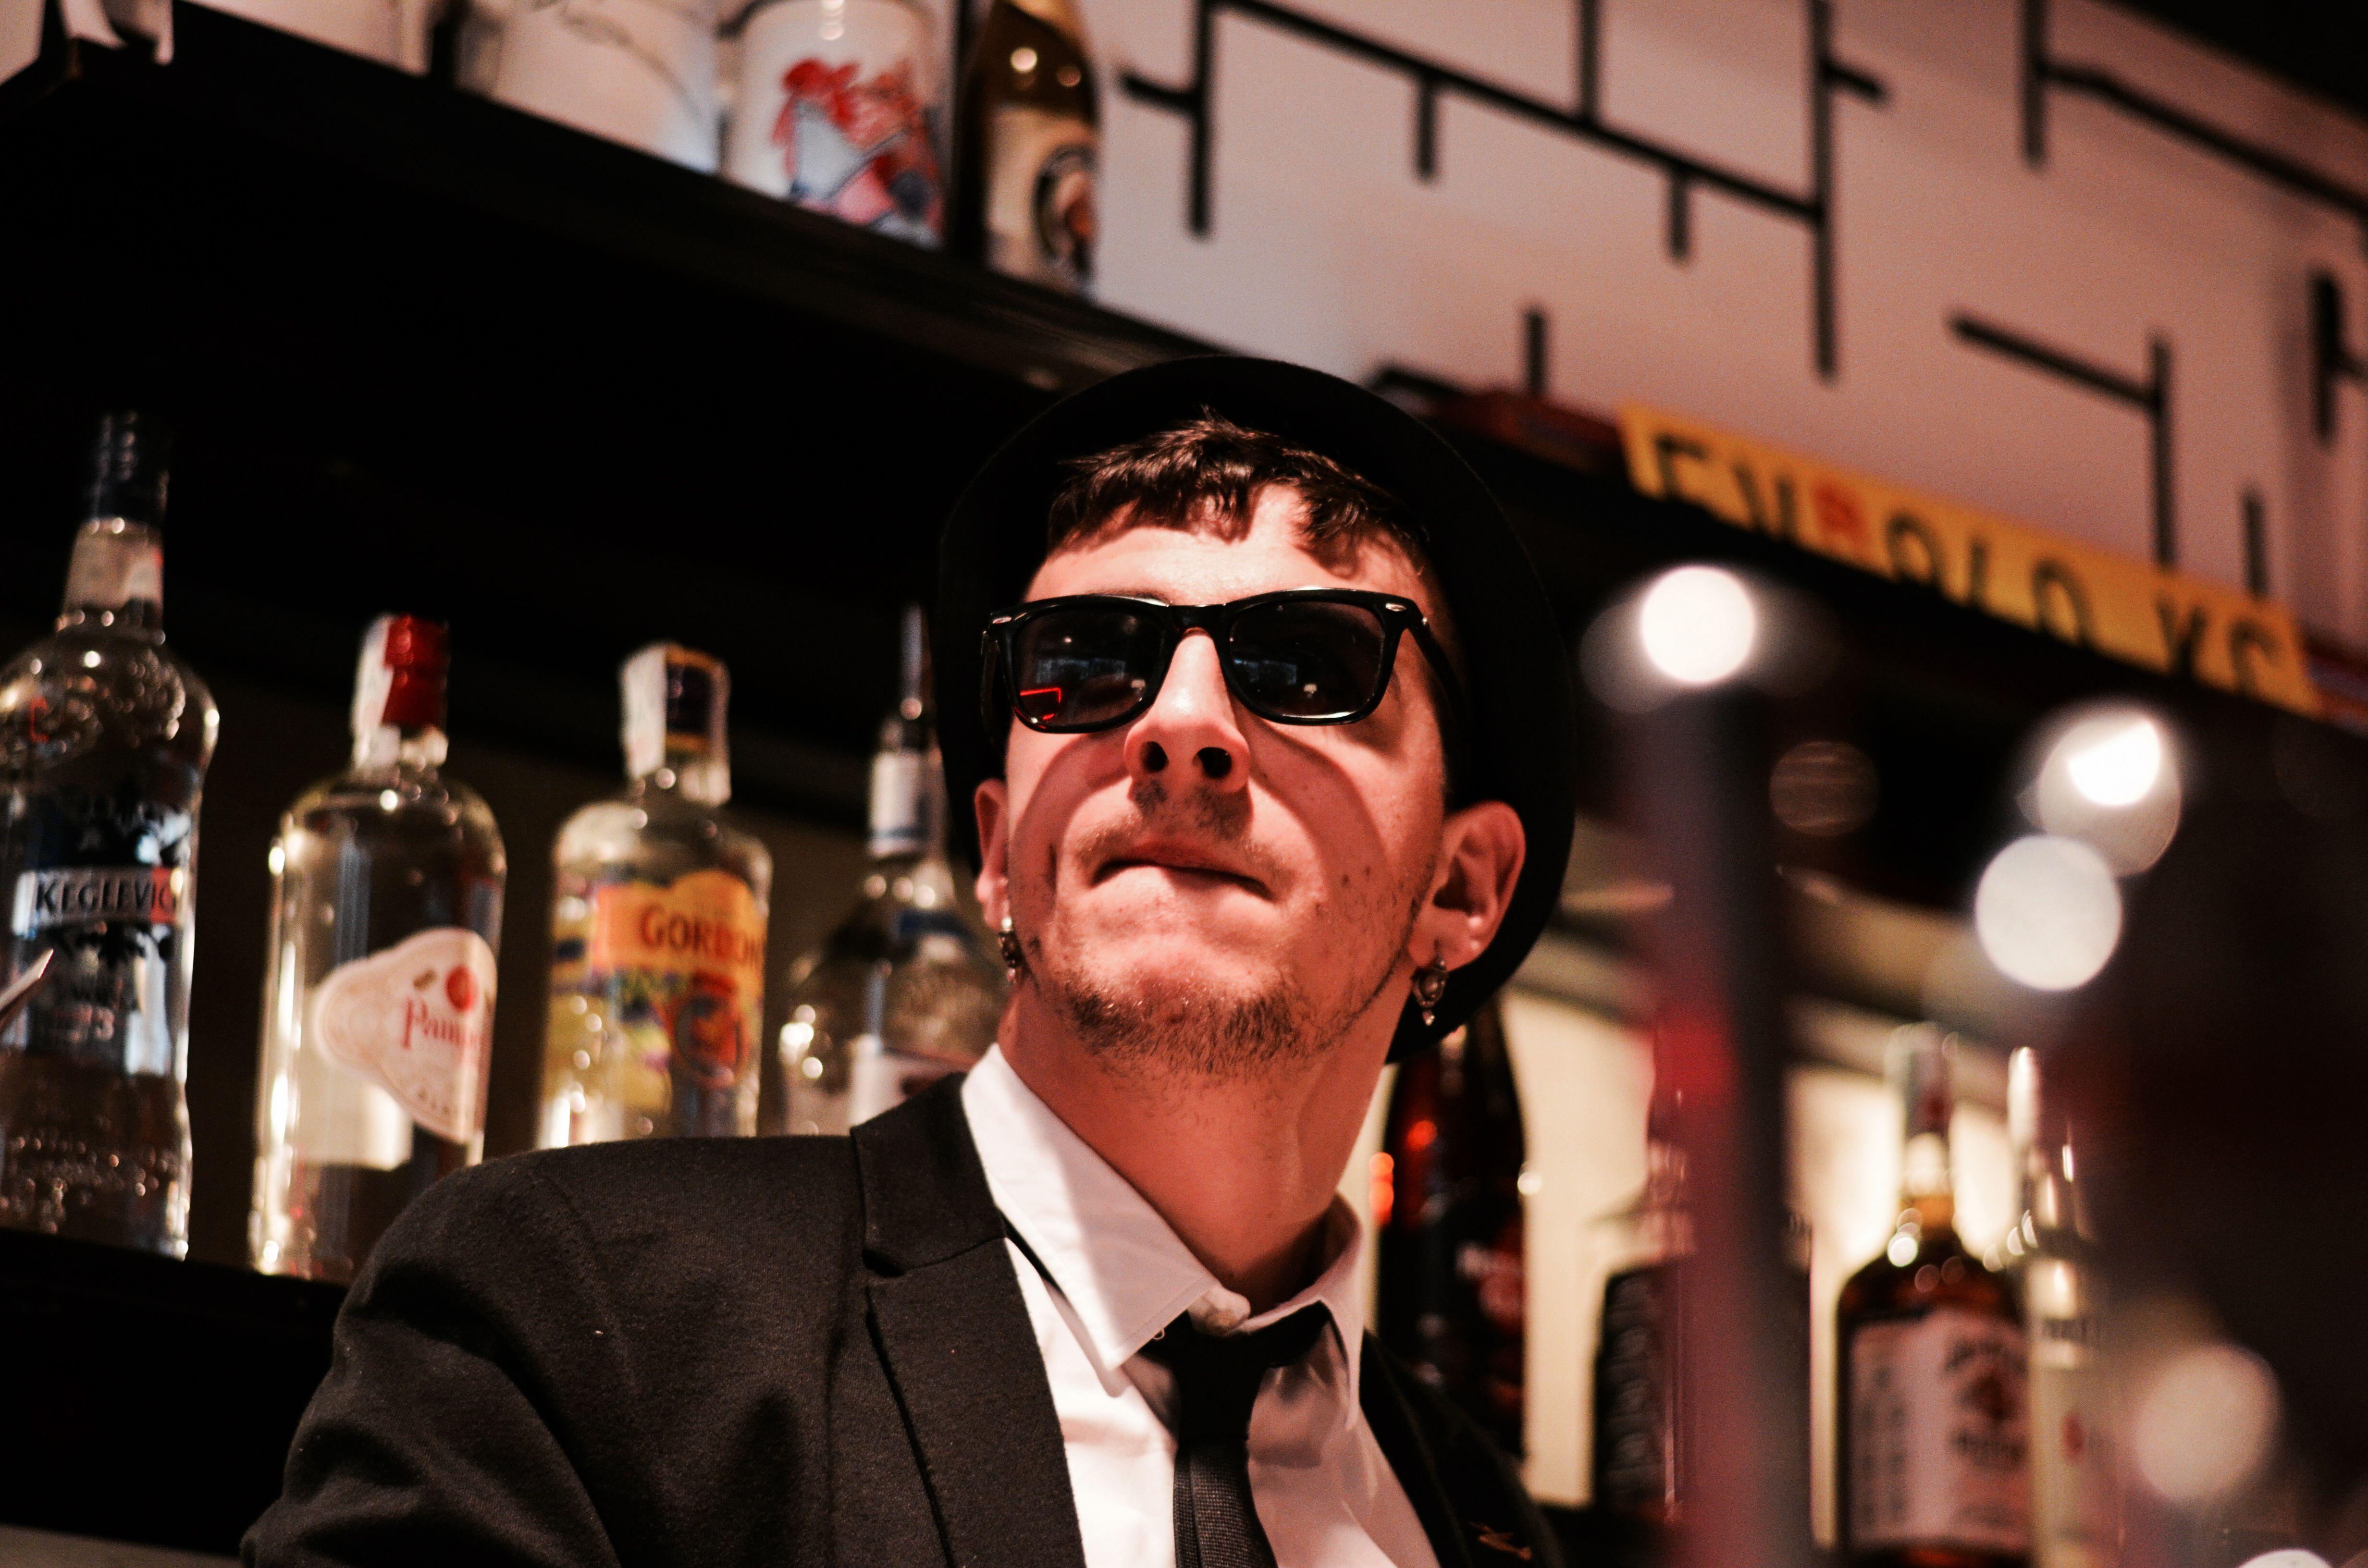 04/03 Ciak n' Roll - Cinematic Rock, Carnival Party al Bloom di Mezzago - Monza Brianza. Con Fusillo Eventi: Point Break VDJ. Fotografie di Chiara Arrigoni.  #Bloom #Mezzago #Monza #Brianza #live #music #livemusic #concerto #bar #barman